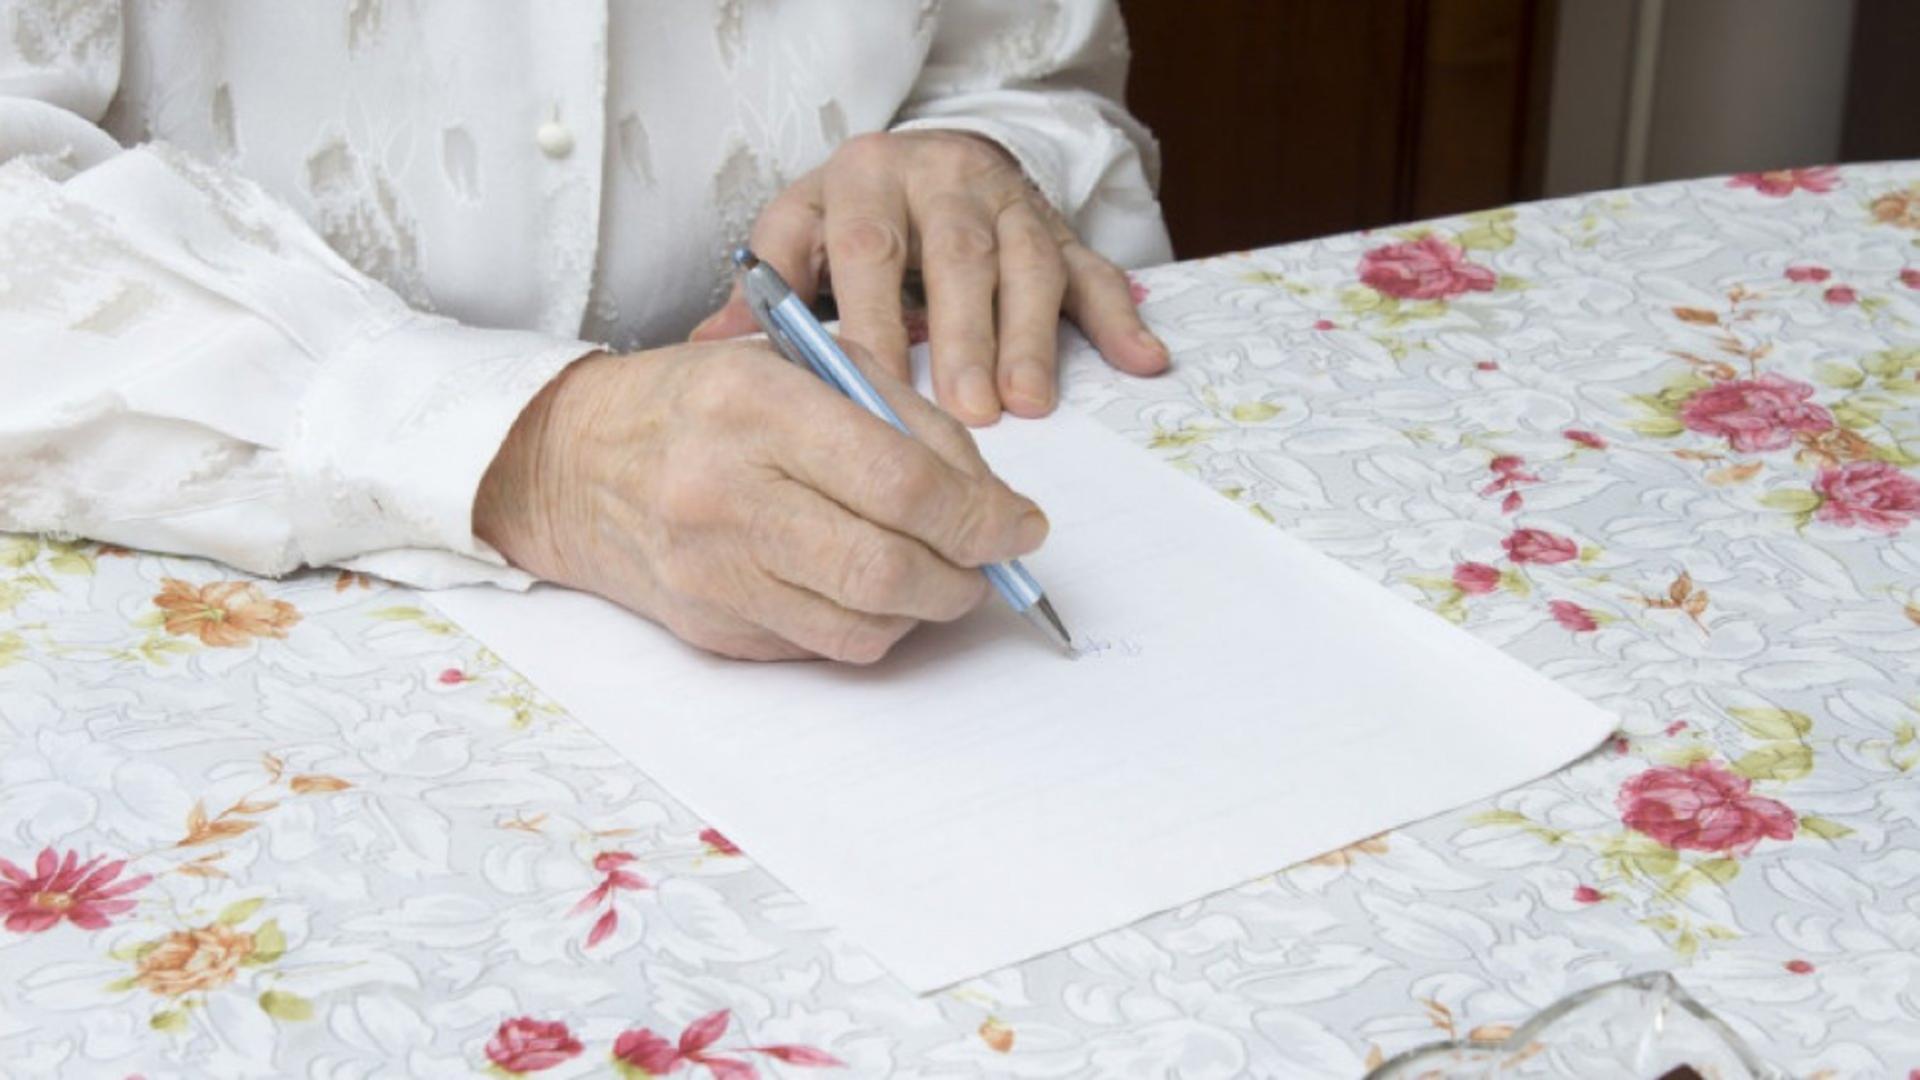 Moștenire impresionantă lăsată de o femeie în vârstă de 91 de ani